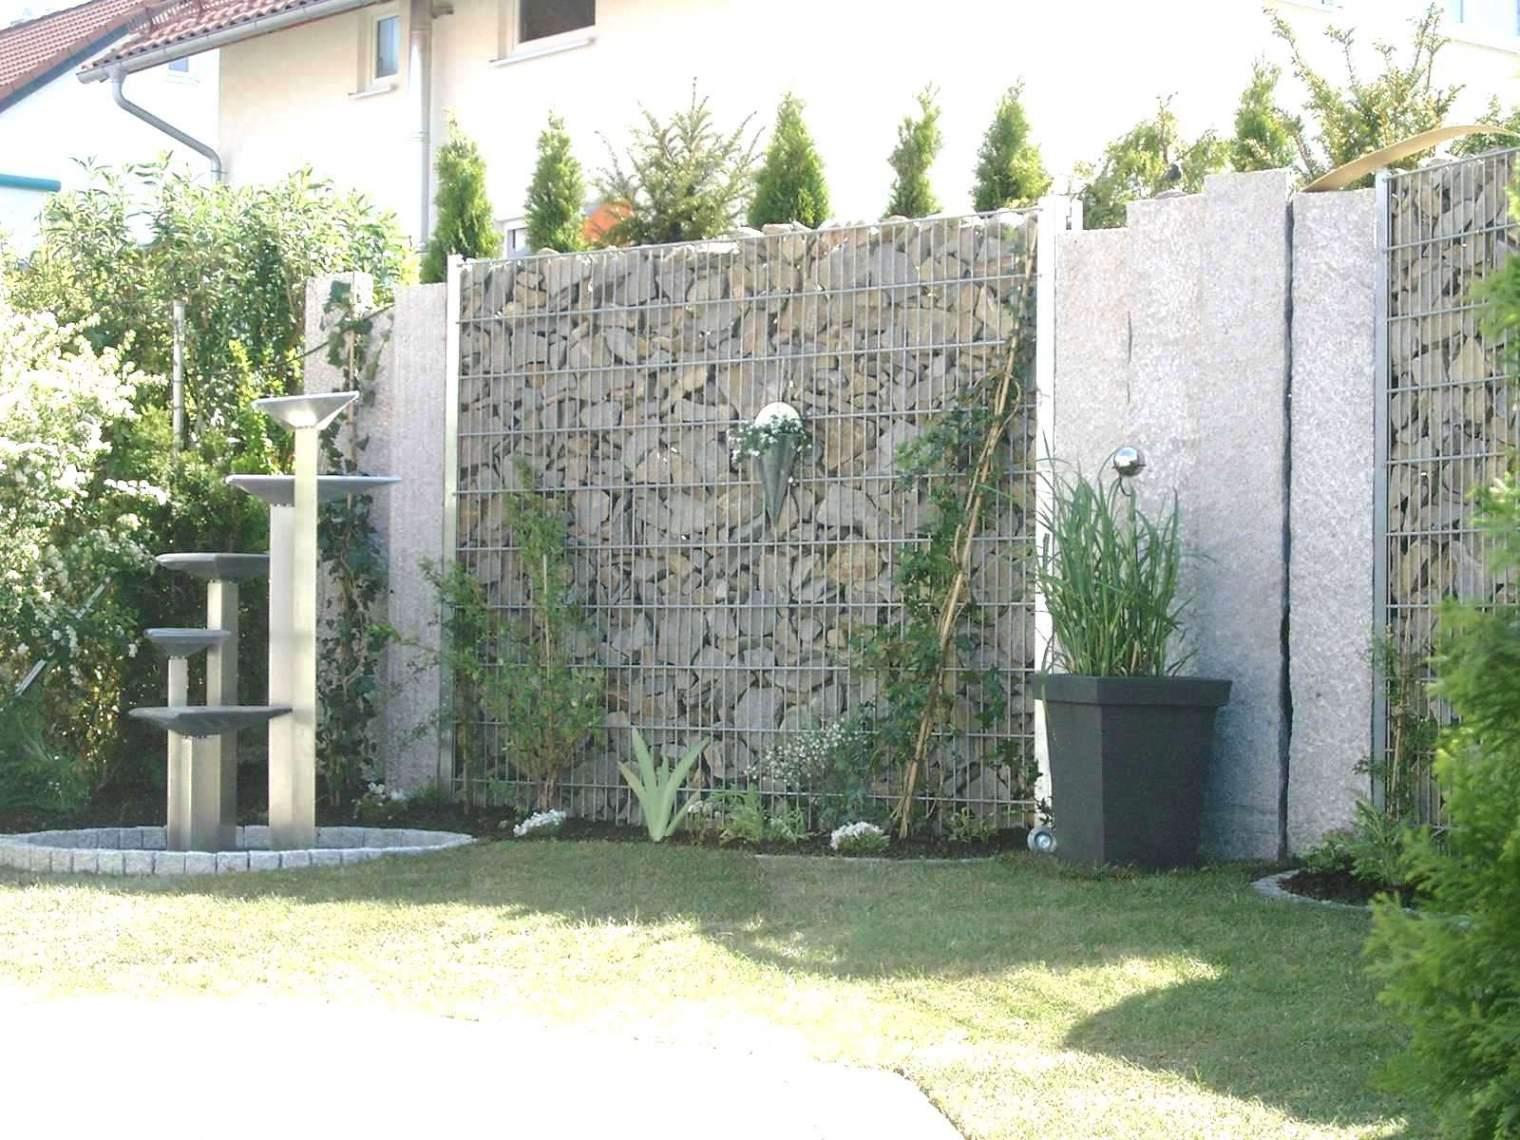 garten sichtschutzzaun das beste von pflanzen garten sichtschutz temobardz home blog of garten sichtschutzzaun